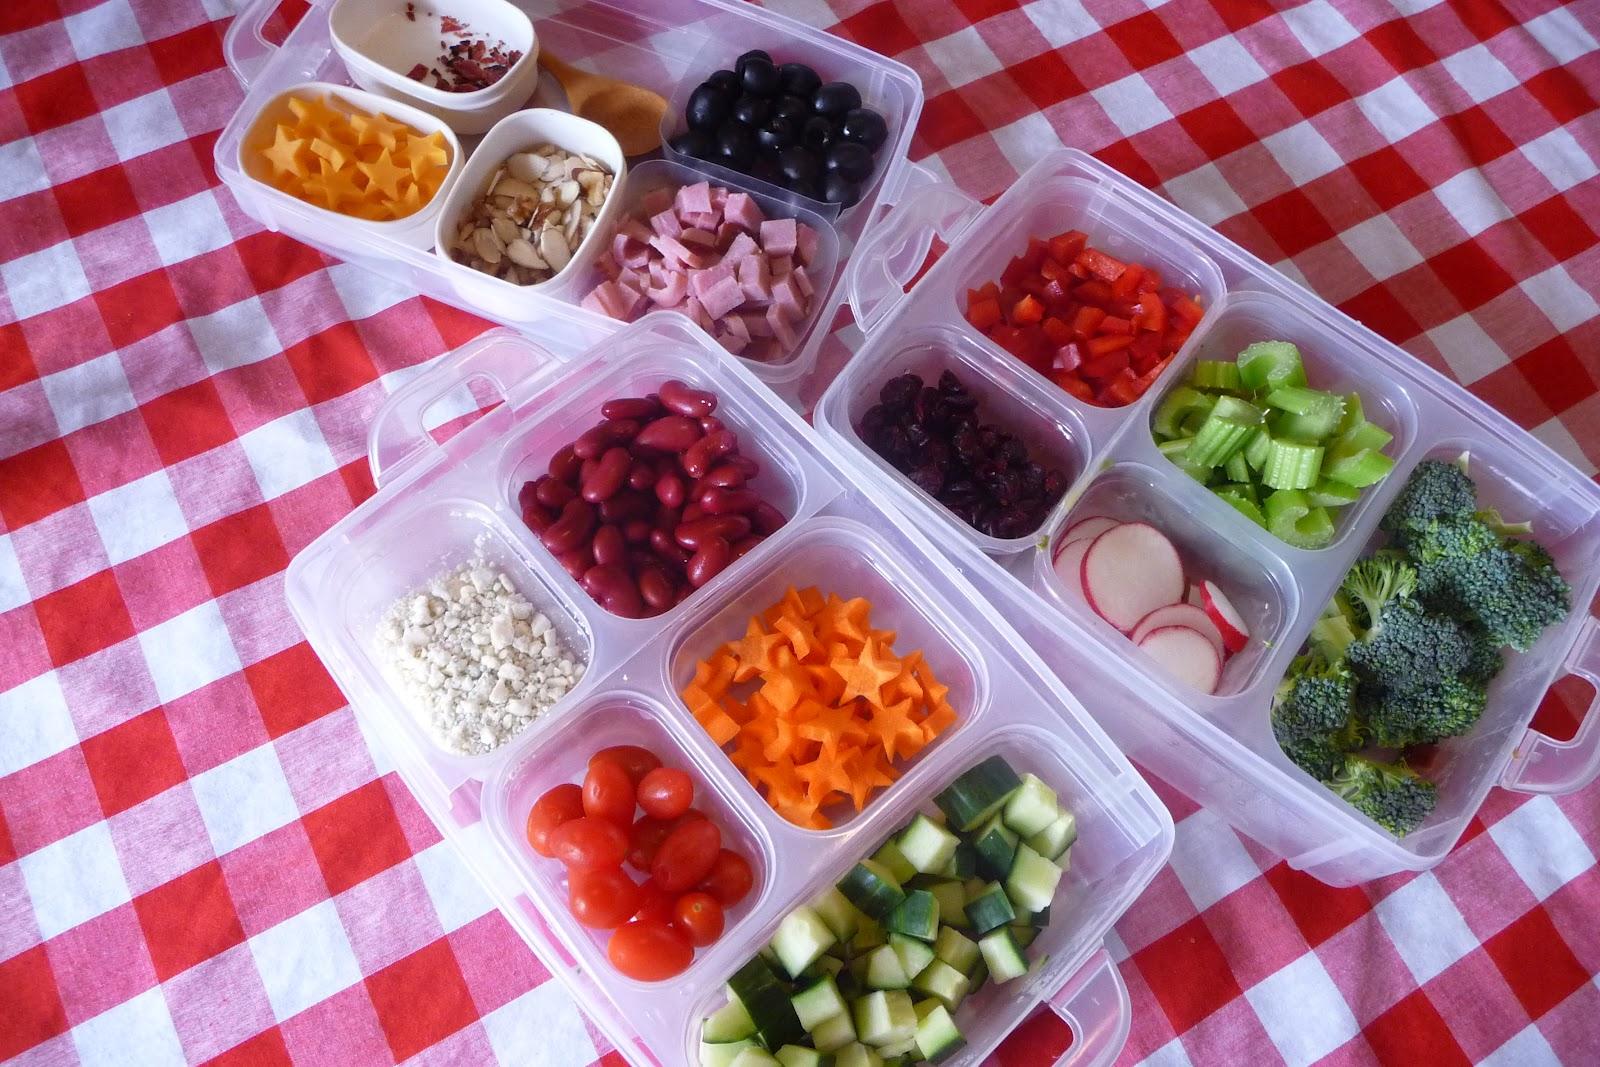 How to Make a Salad Bar - Beneficial Bento